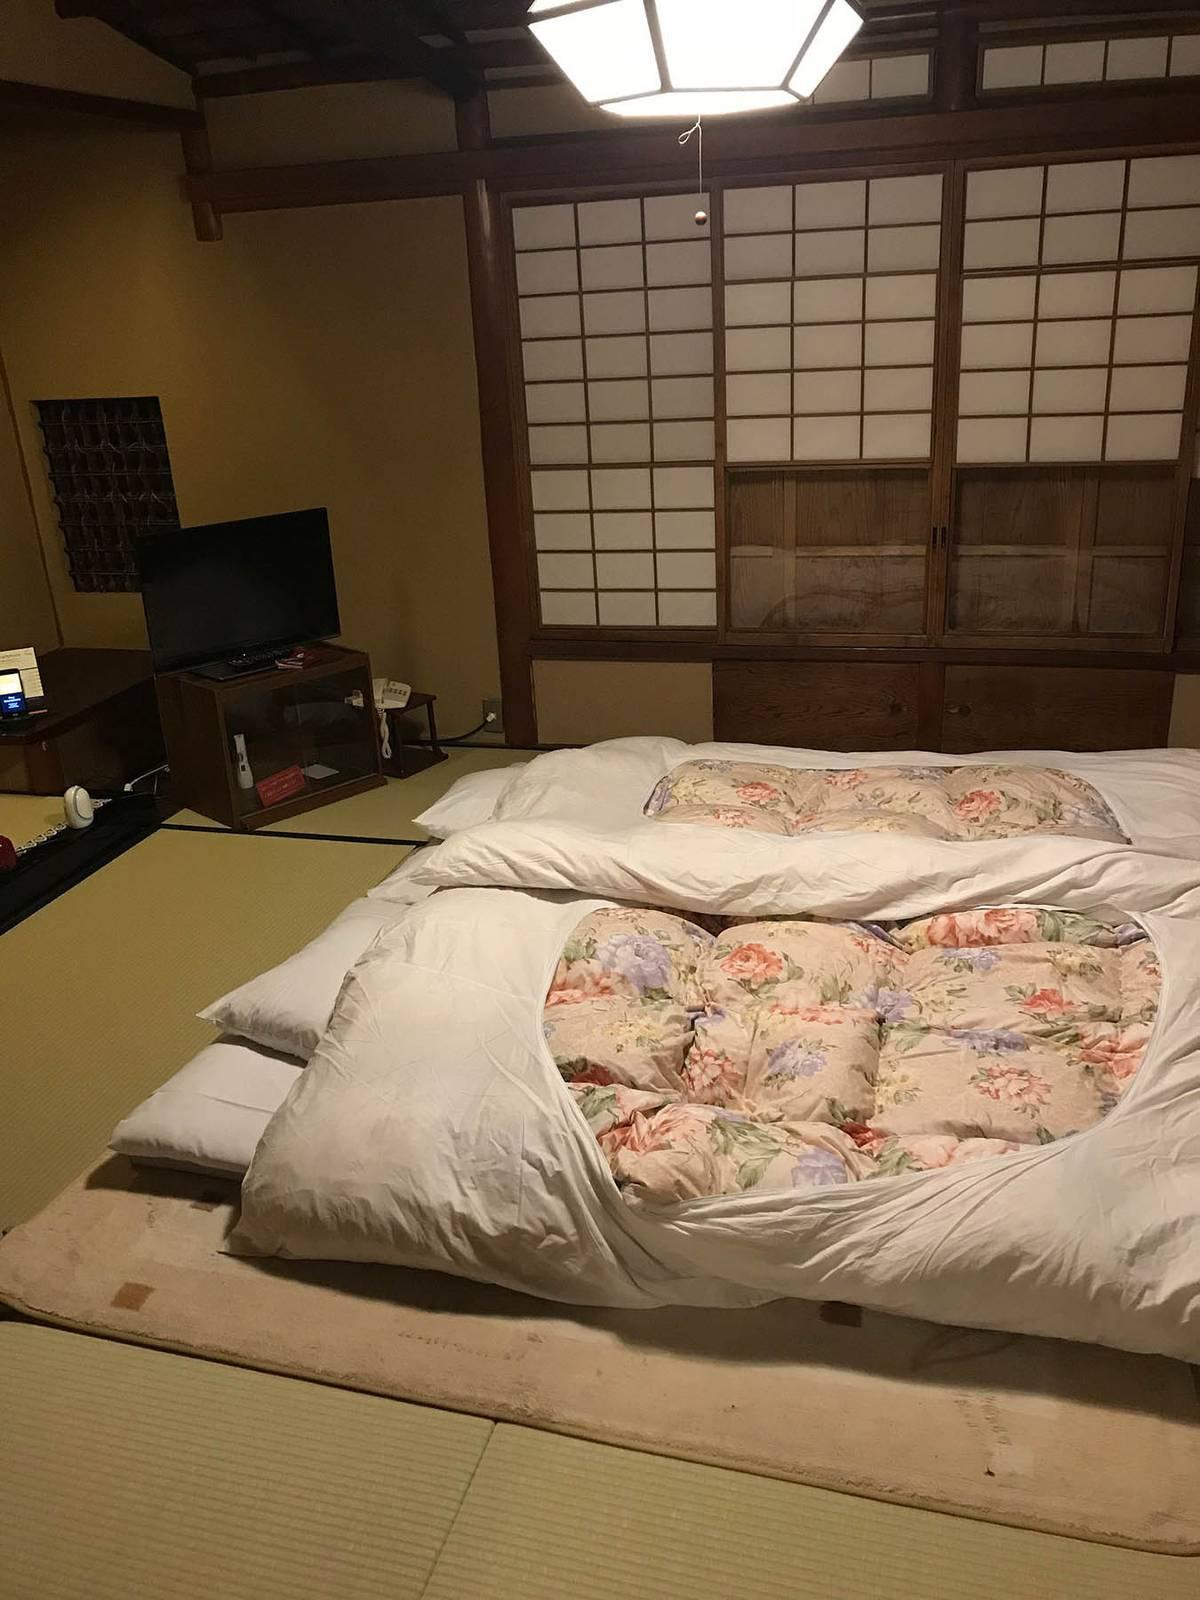 Вечером стол и сиденья убирают, а на их месте расстилают специальные матрасы — футоны с теплыми одеялами. В японских домах (особенно в традиционных) чаще всего нет центрального отопления. Поэтому большую часть года в них холодно